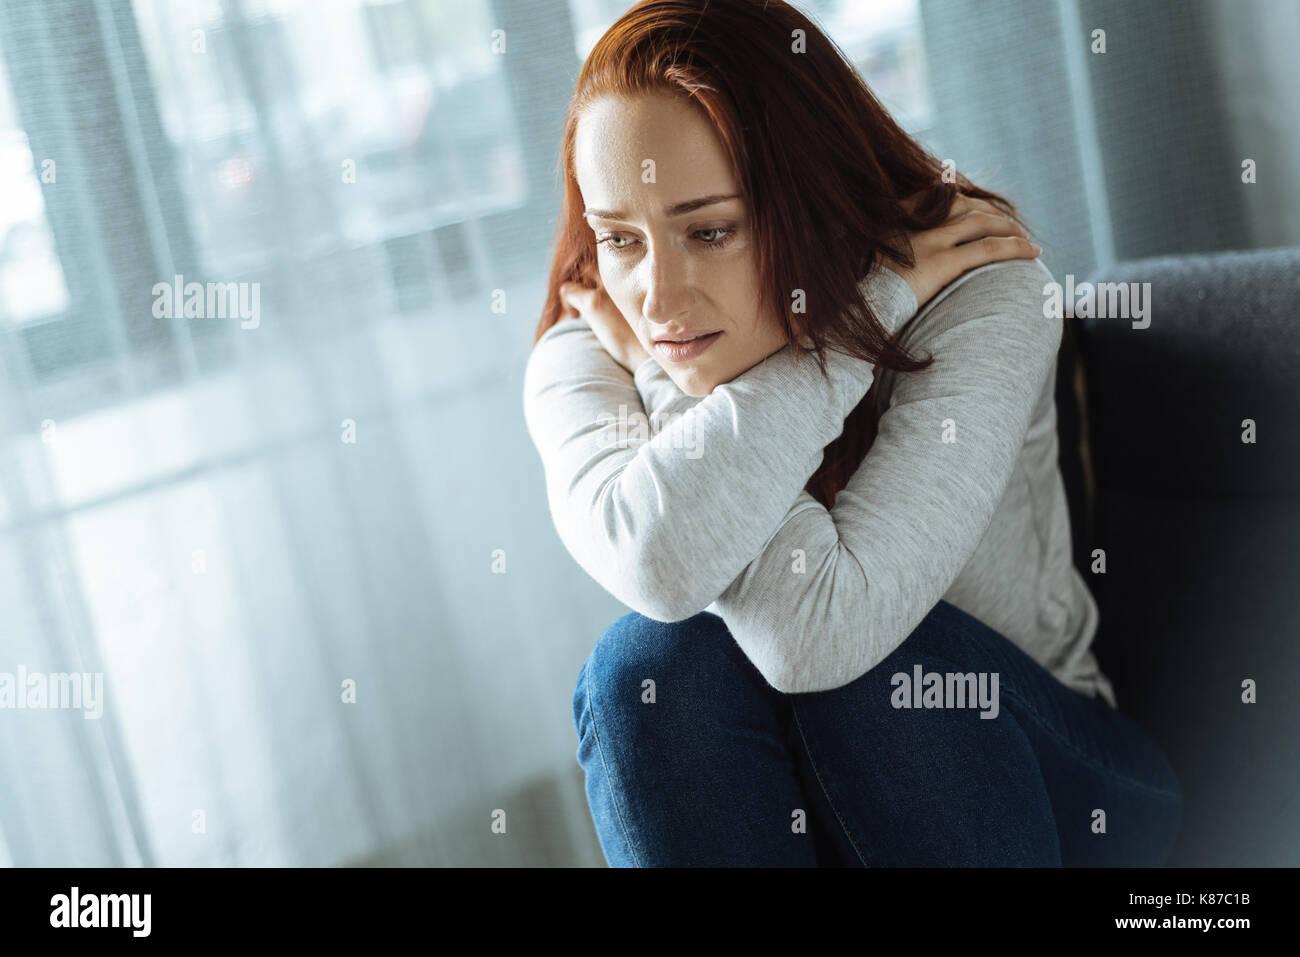 Cupa triste sentimento donna lonely Immagini Stock